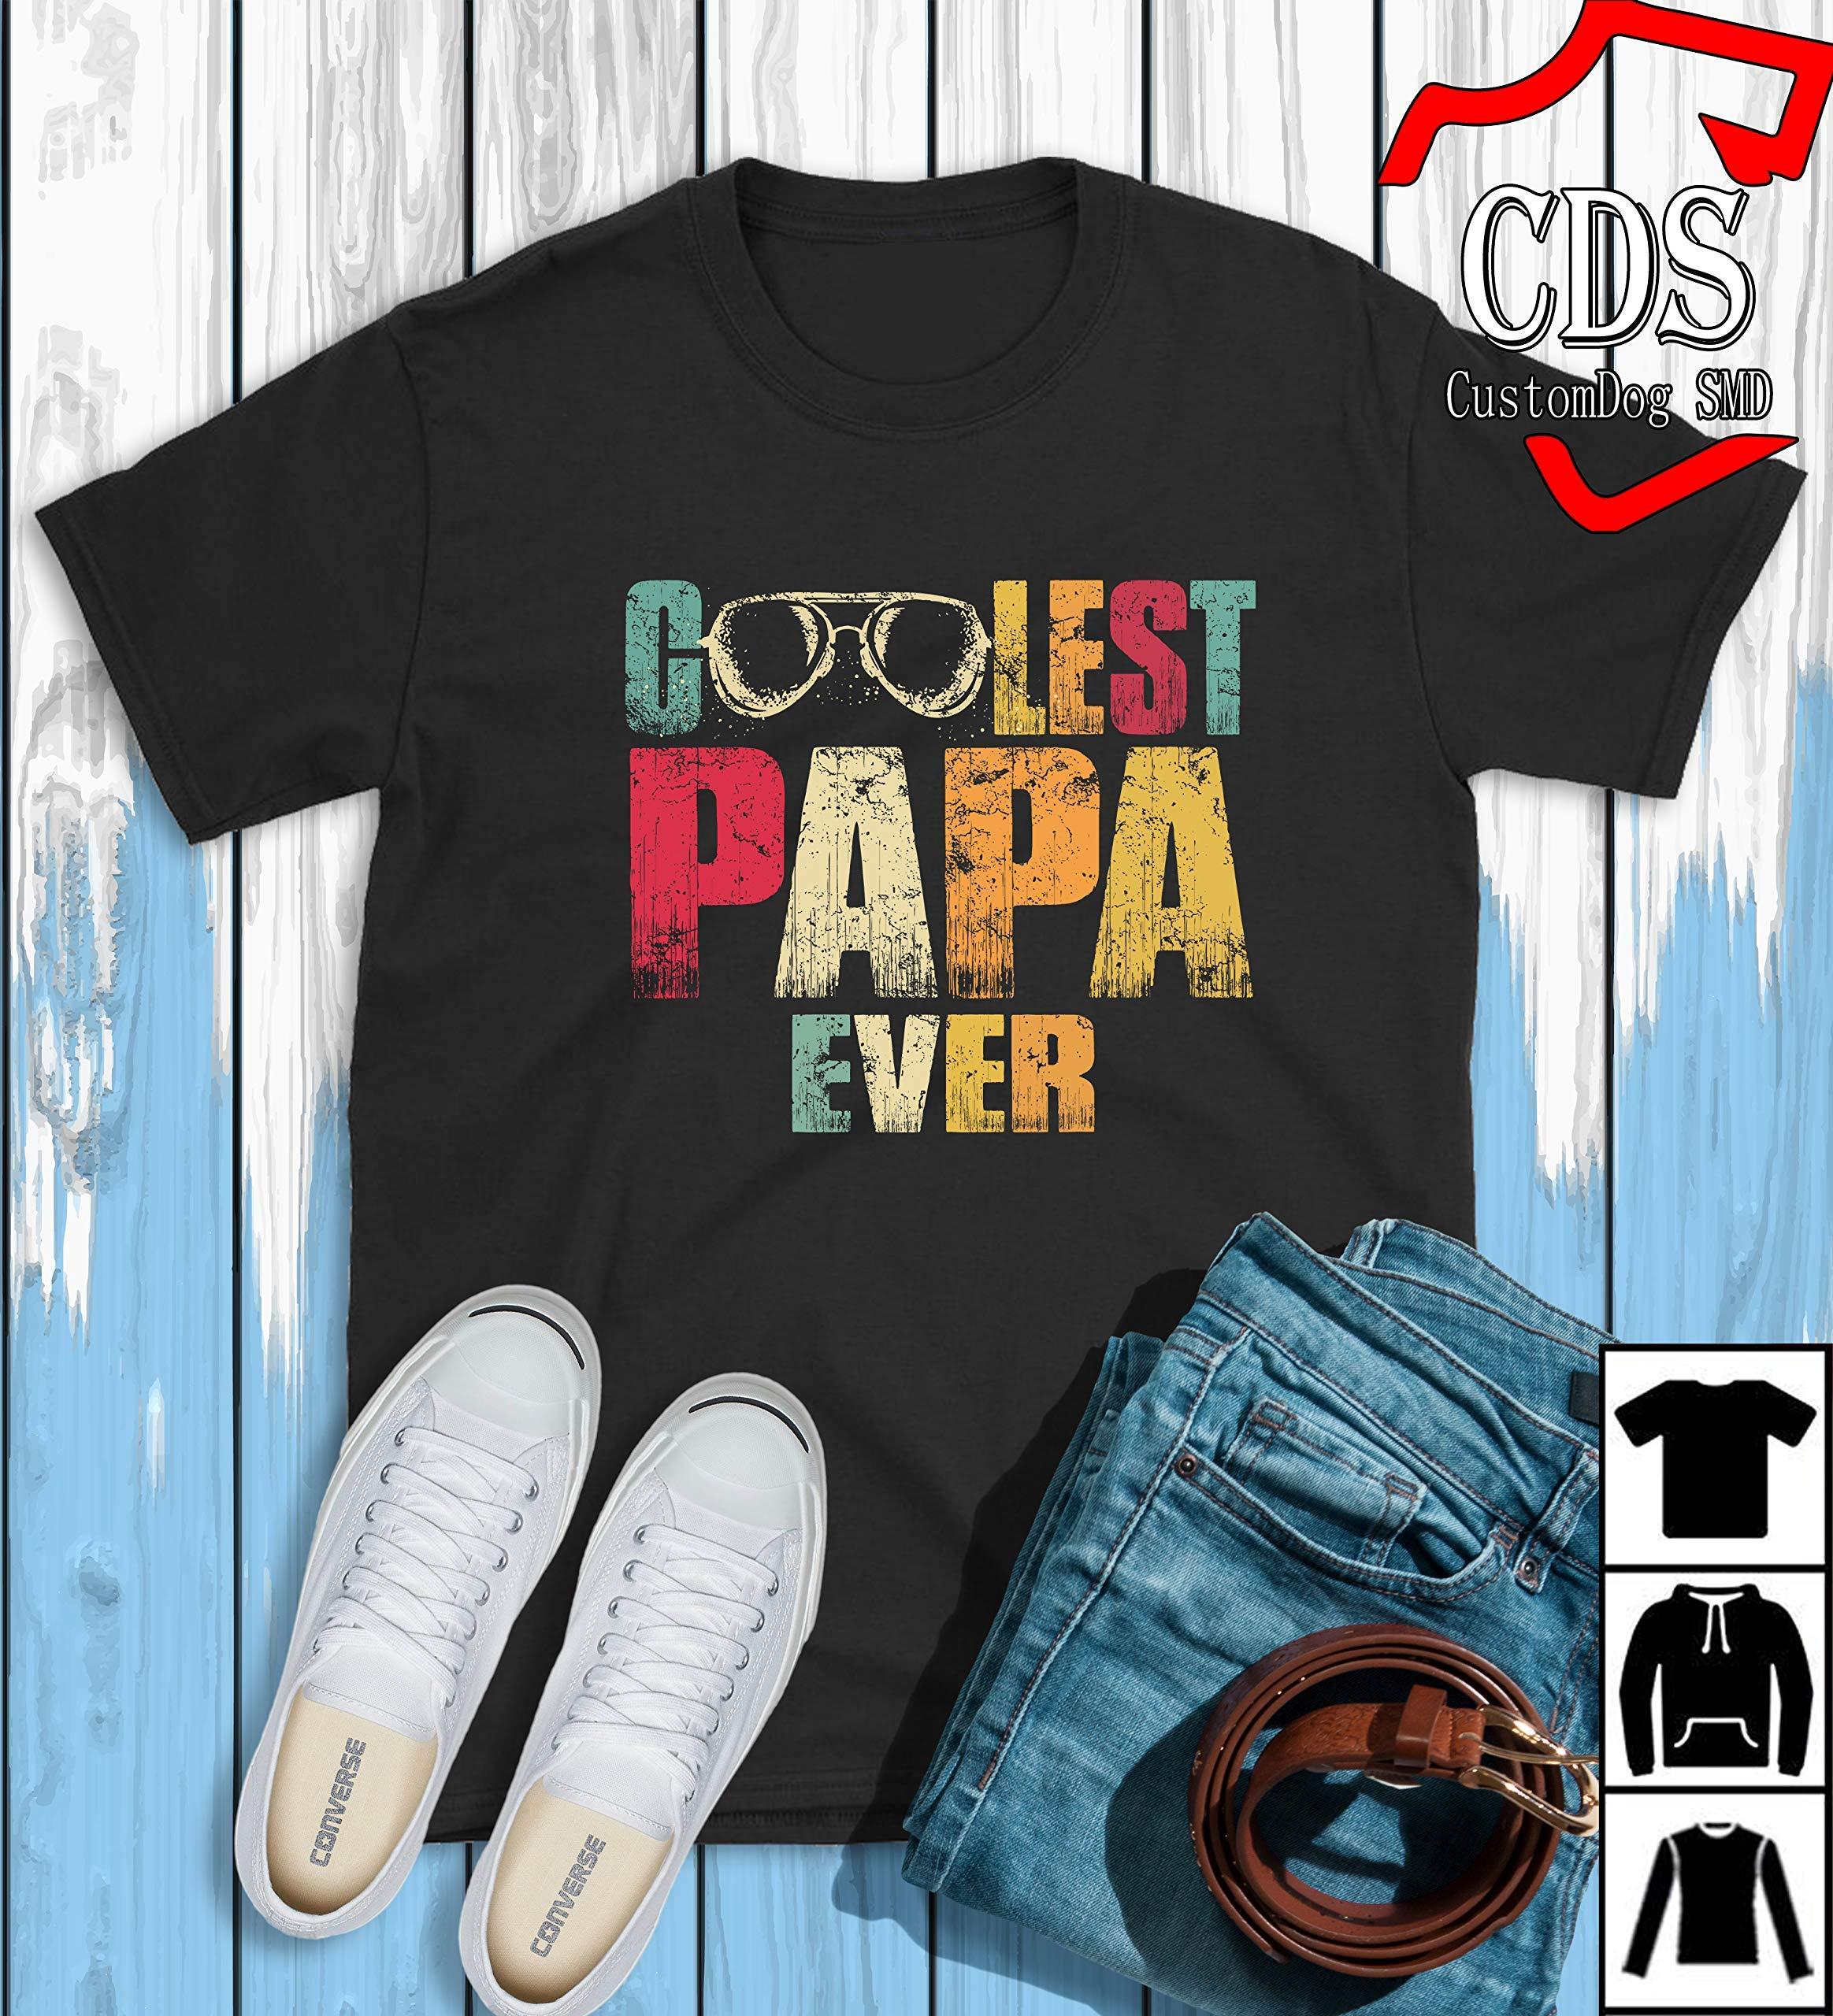 Goolest Papa Ever T-shirt, Birthday Gift Shirt, Gift Shirt,